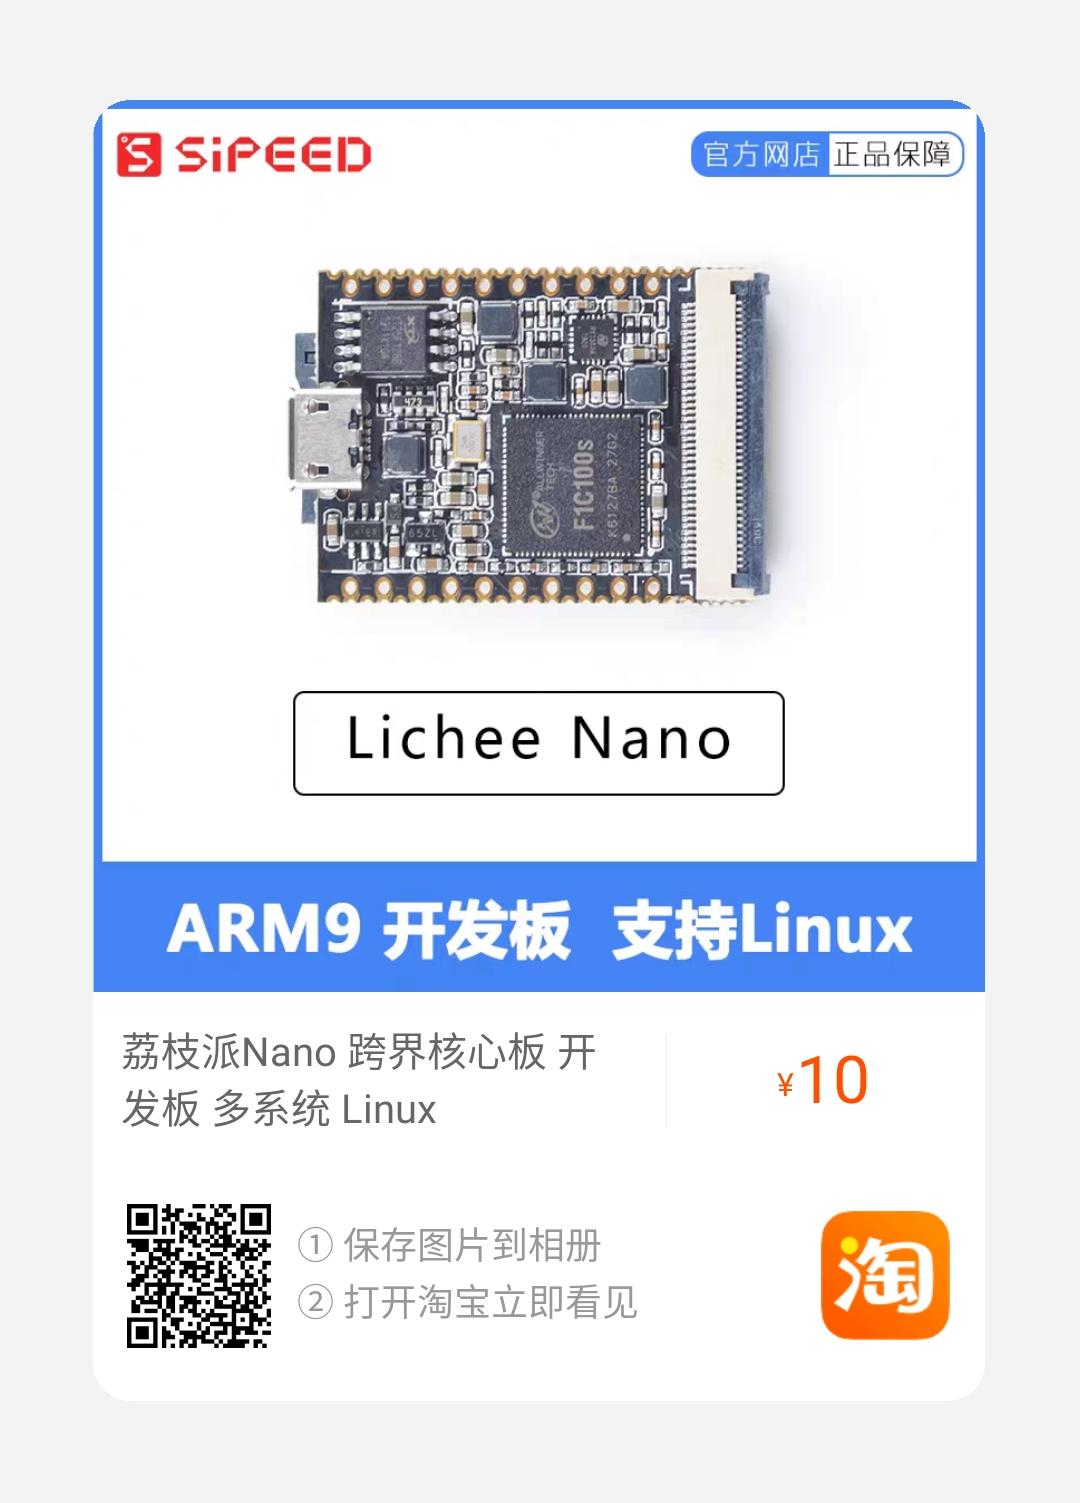 lichee-nano.jpg